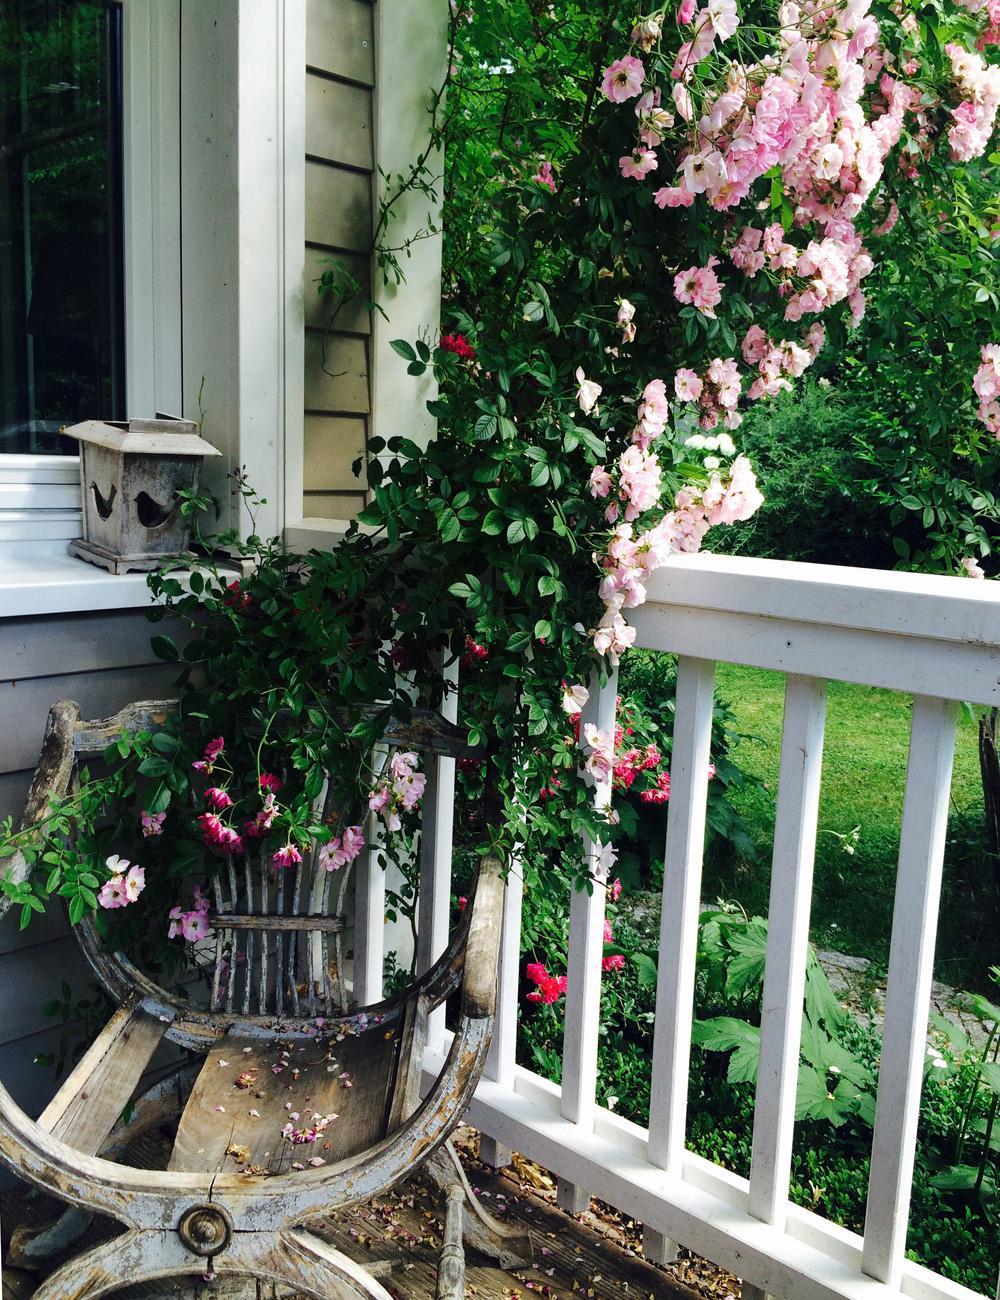 Cottage Garten - Terrasse mit Rosenranken